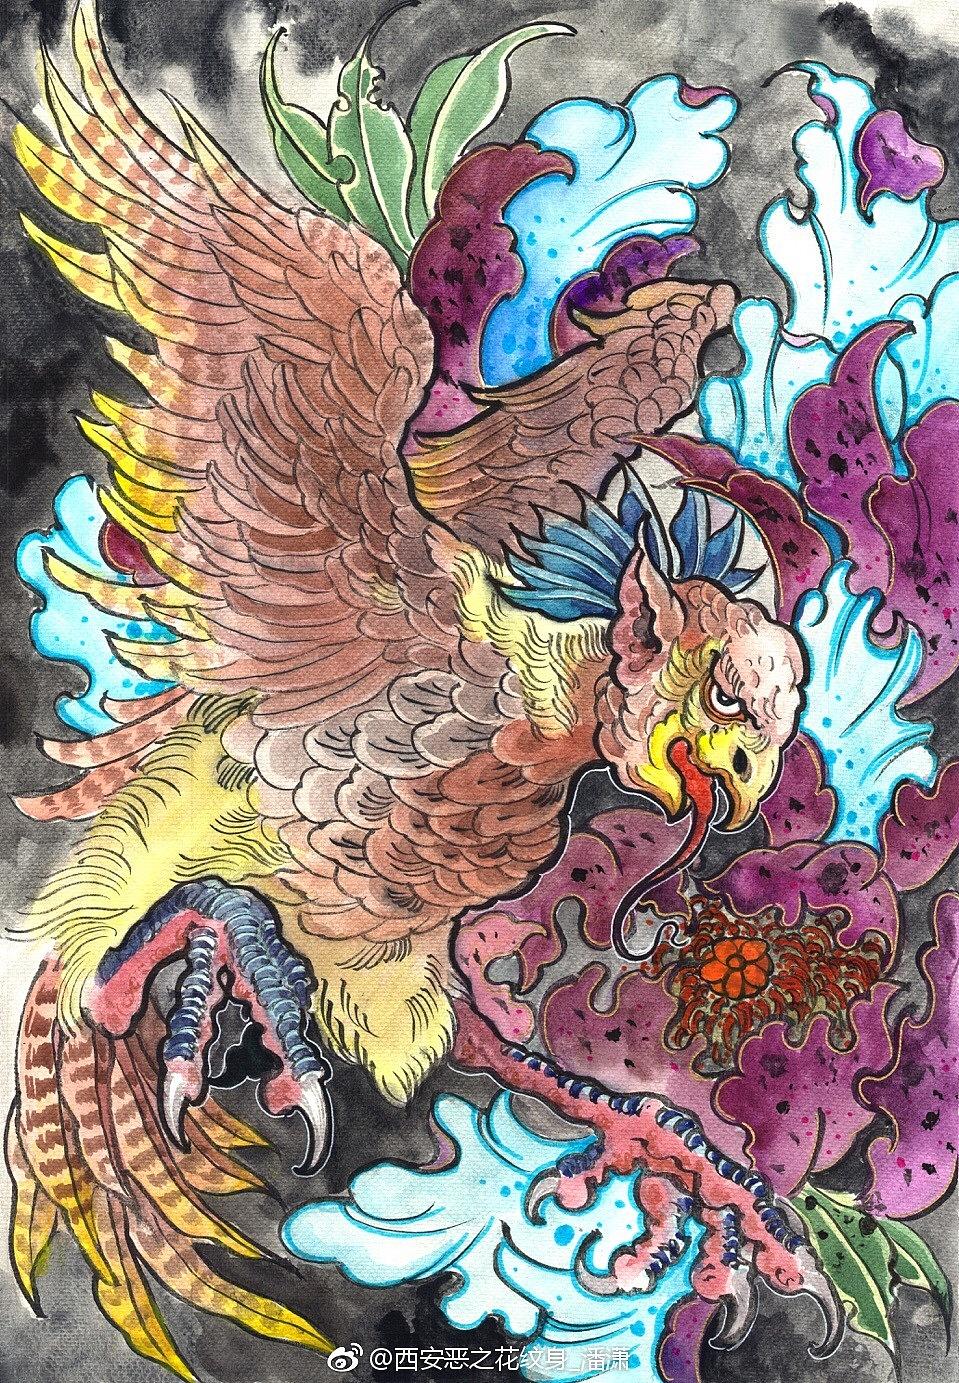 分别是竦斯,厌火,化蛇,狰.结合纹身风格进行的系列插画设计.图片